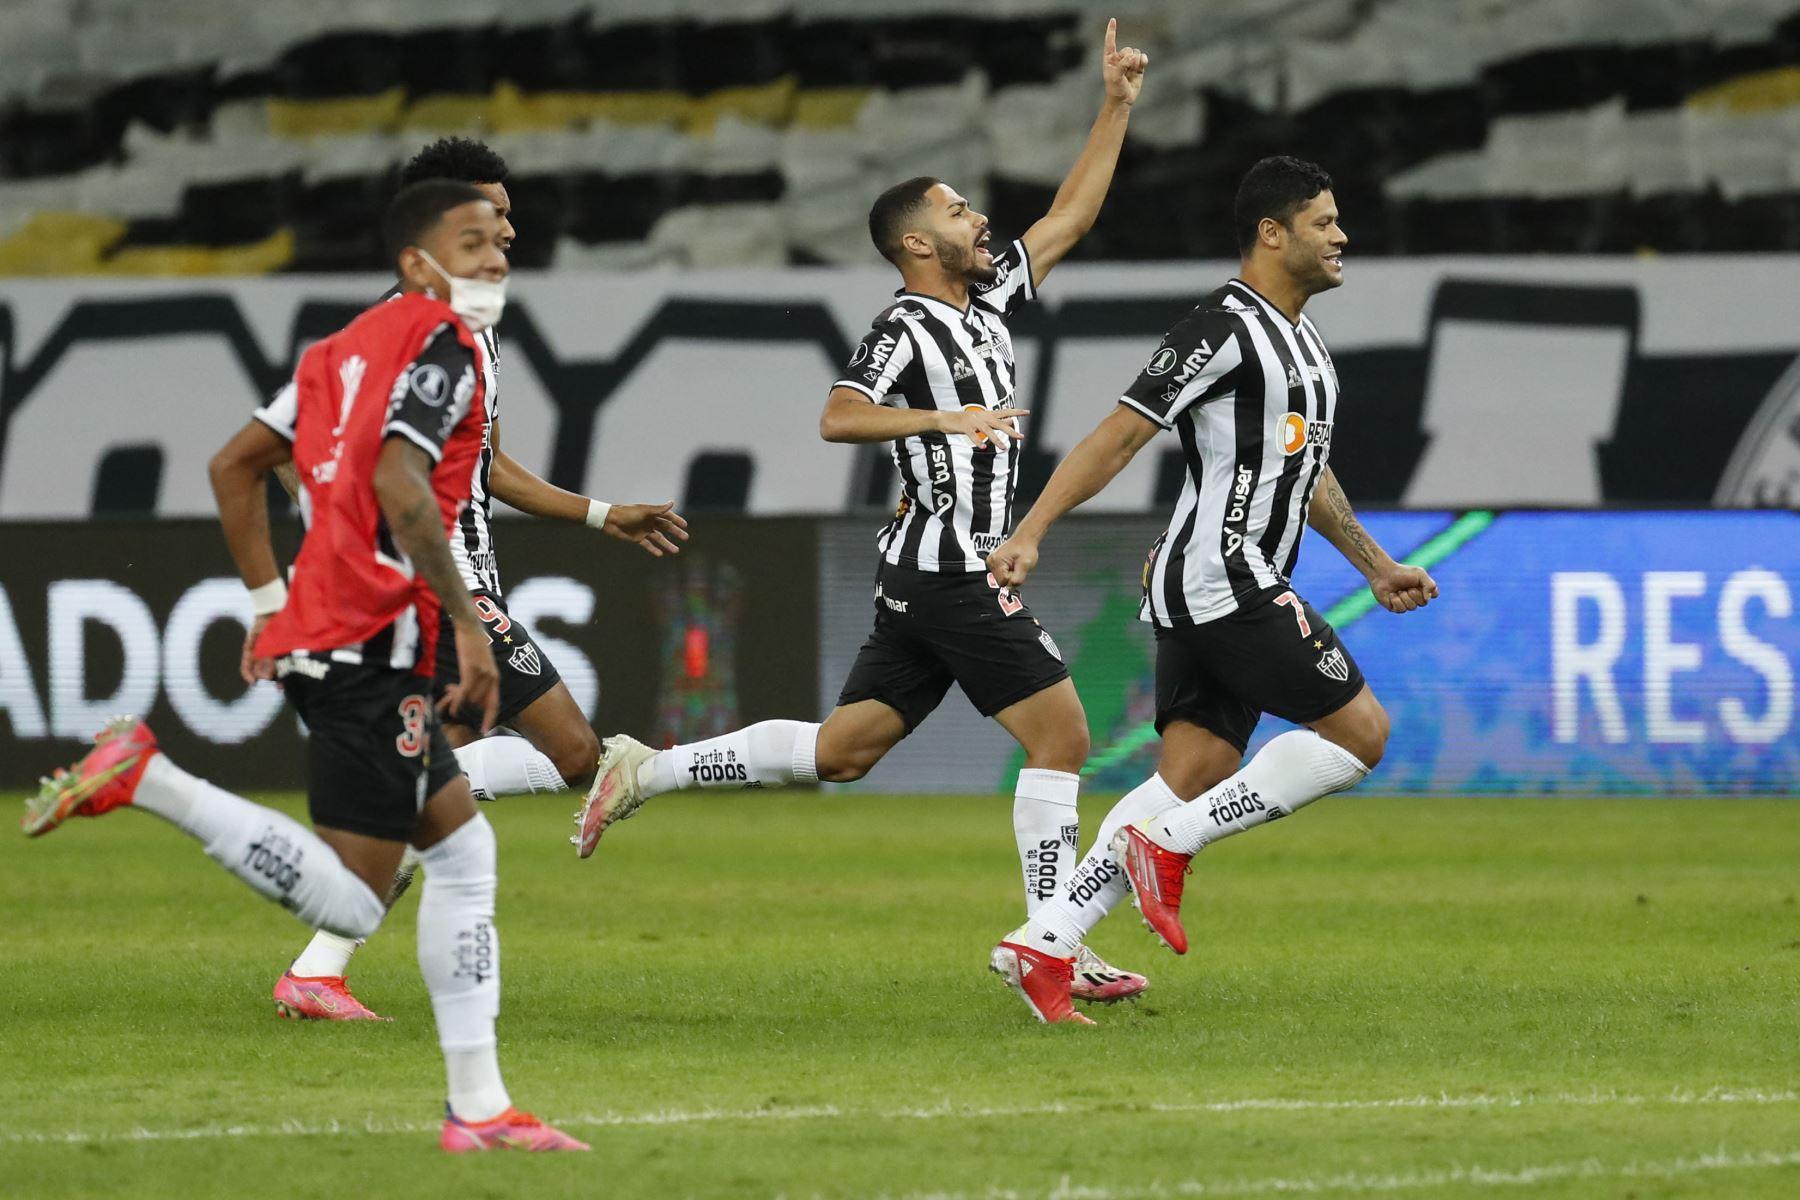 Los jugadores del Atlético Mineiro de Brasil celebran después de derrotar al Boca Juniors de Argentina durante el partido de vuelta de los octavos de final de la Copa Libertadores en el Estadio Minerao en Belo Horizonte, Brasil. Foto: AFP